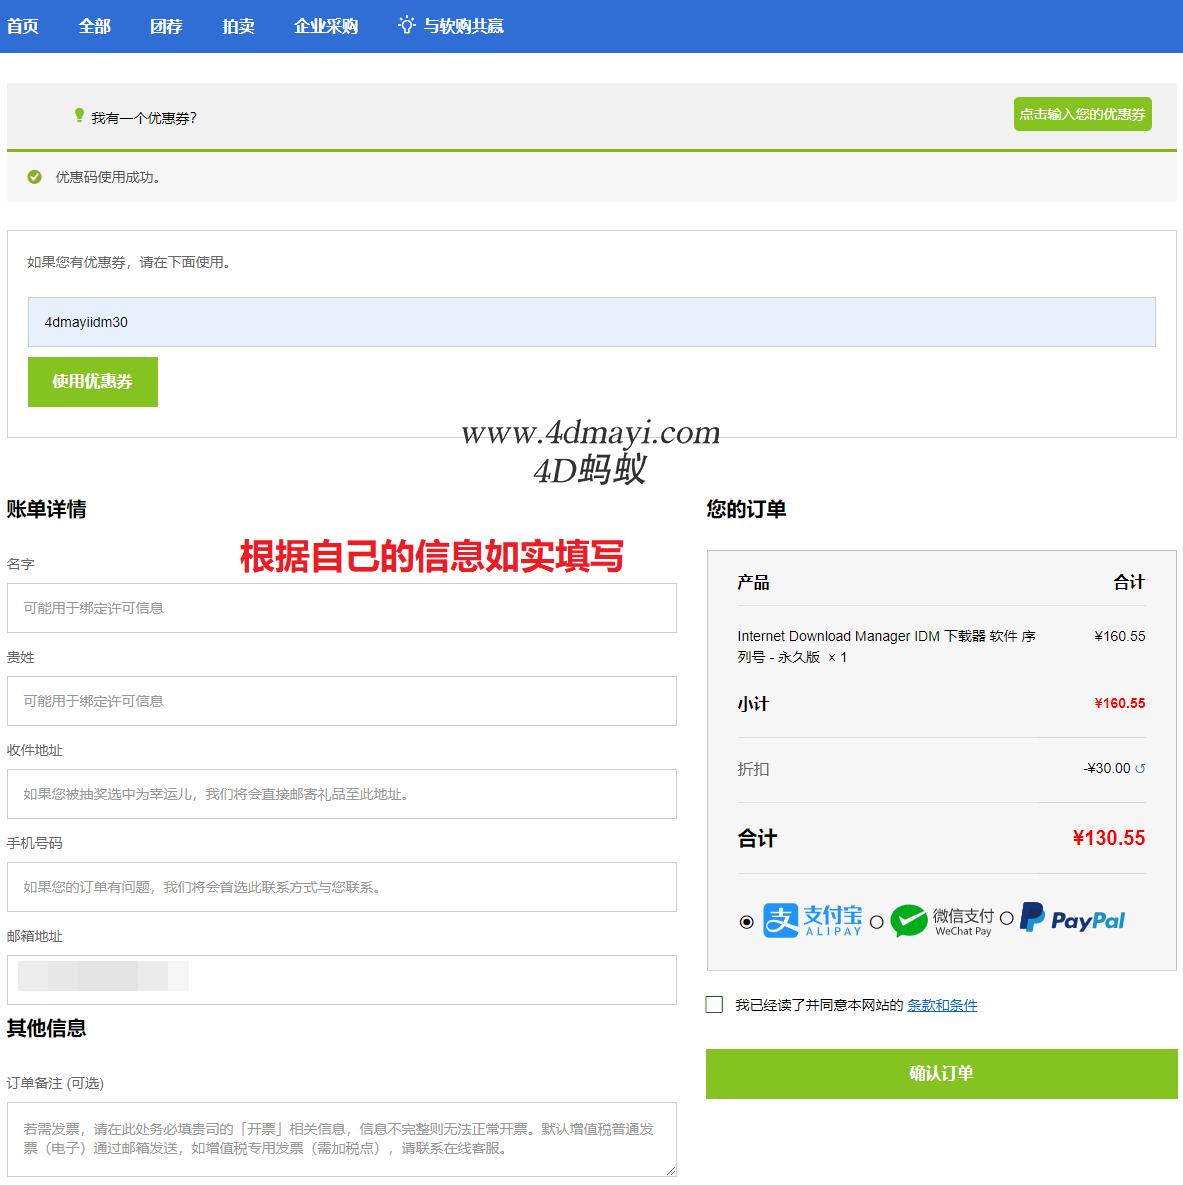 【永久版¥130.55】IDM 官方正版 Internet Download Manager 下载神器优惠特价购买